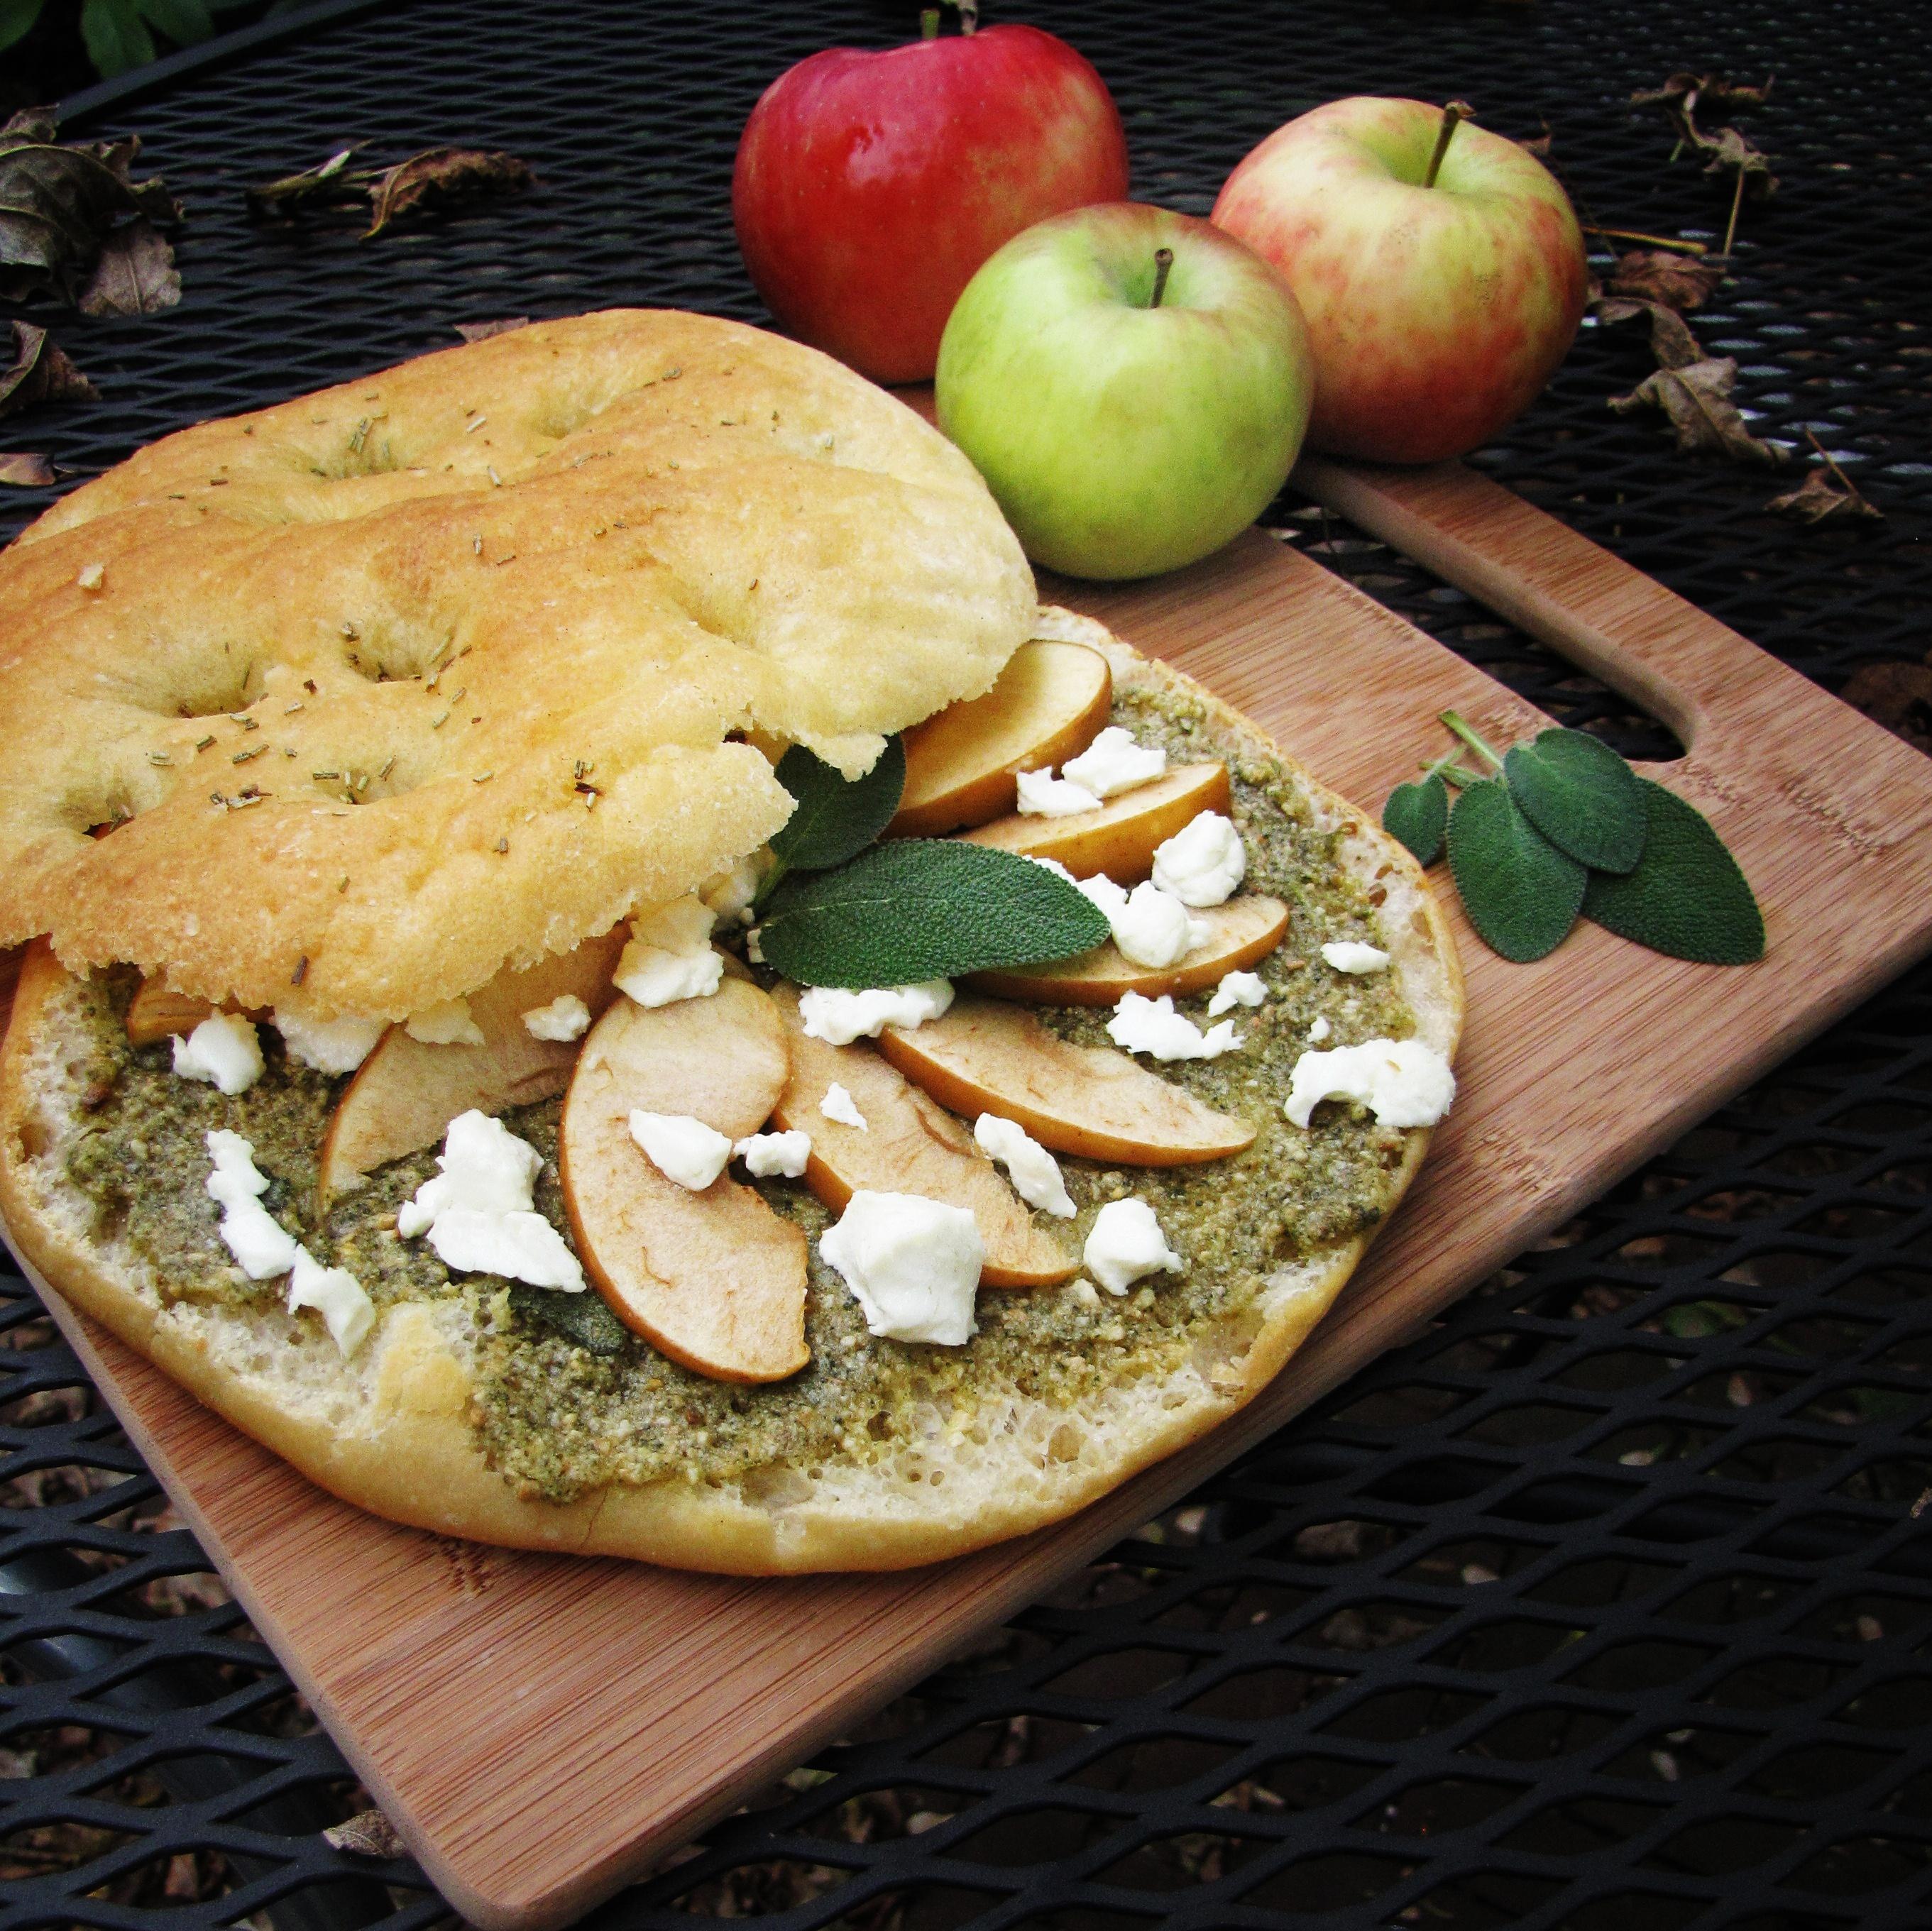 Sage Pesto, Apples, and Fall